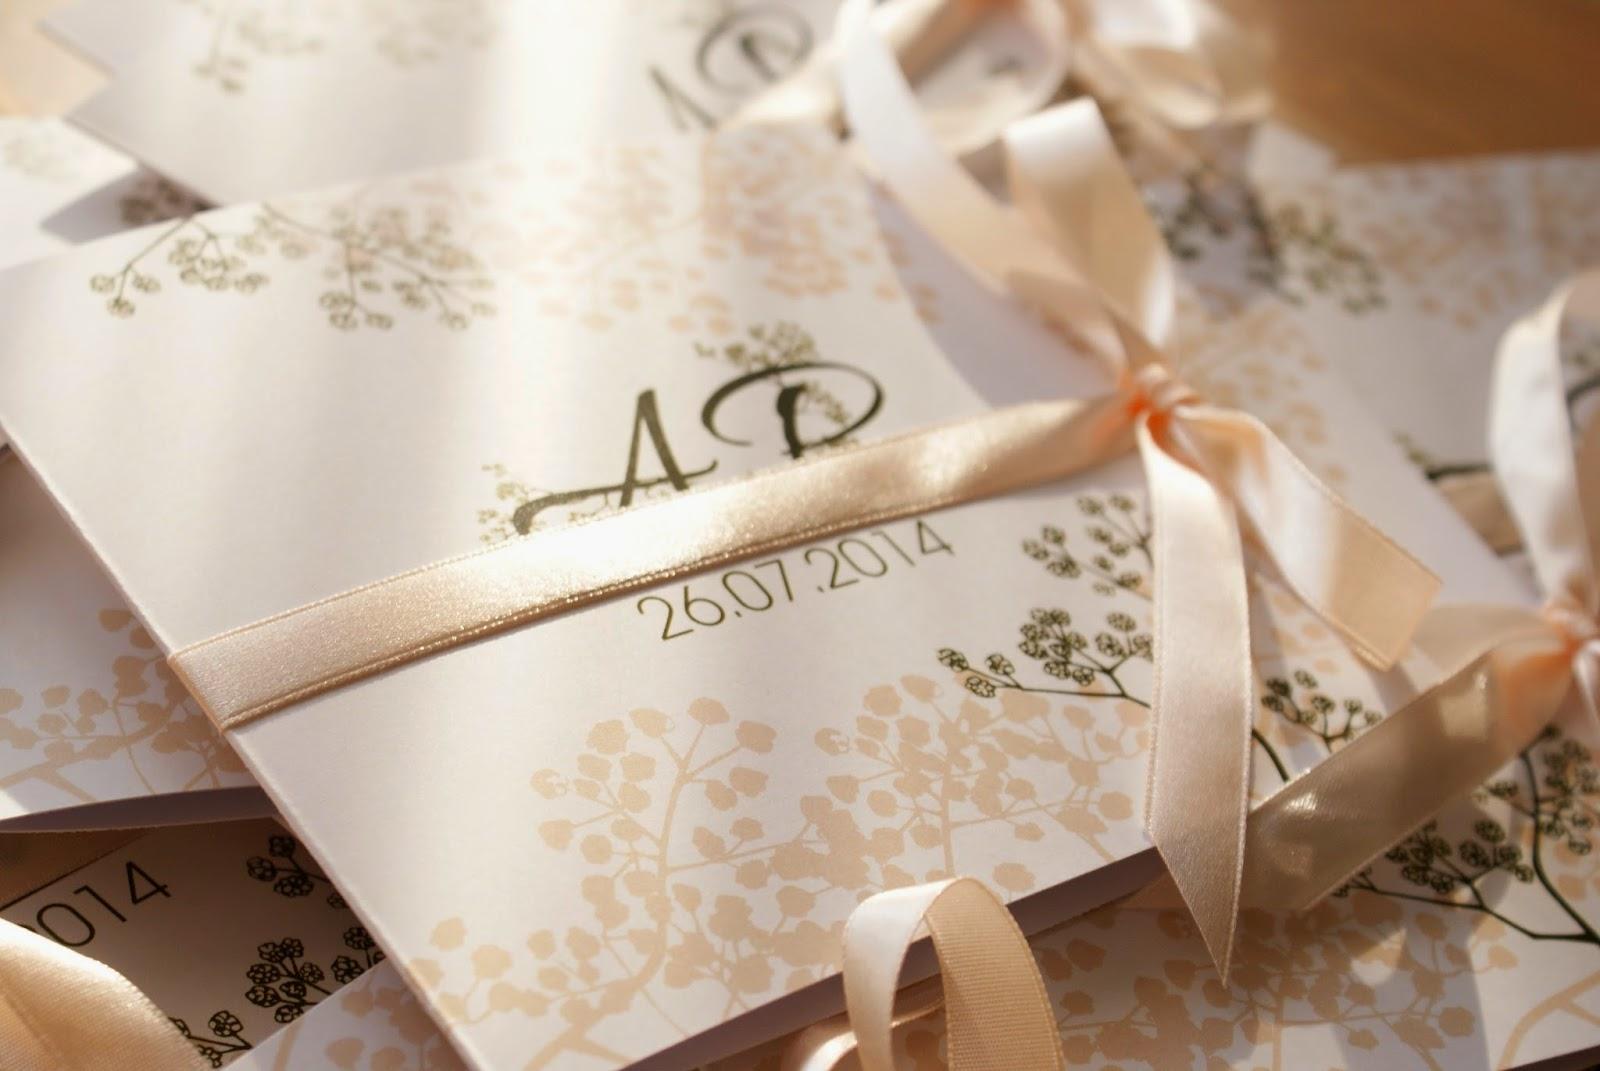 Zaproszenia ślubne Wwwmetierpl Zaproszenia ślubne Z Gipsówką